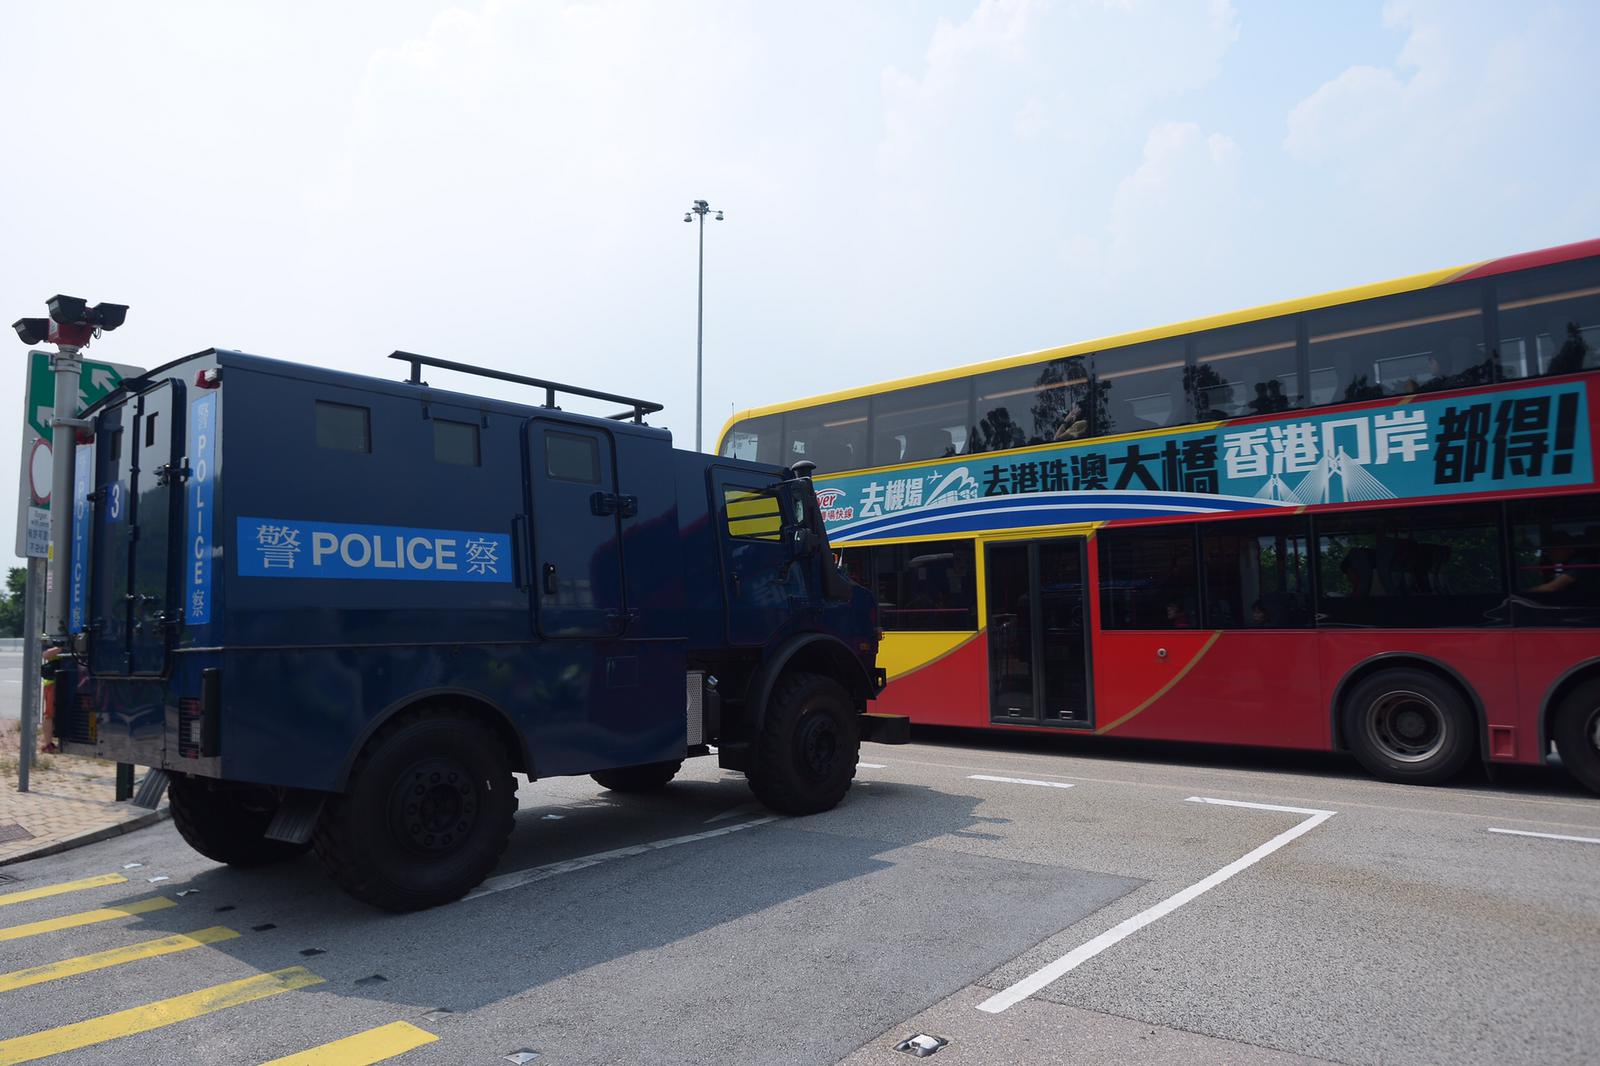 青馬收費廣場巴士站 有裝甲車。